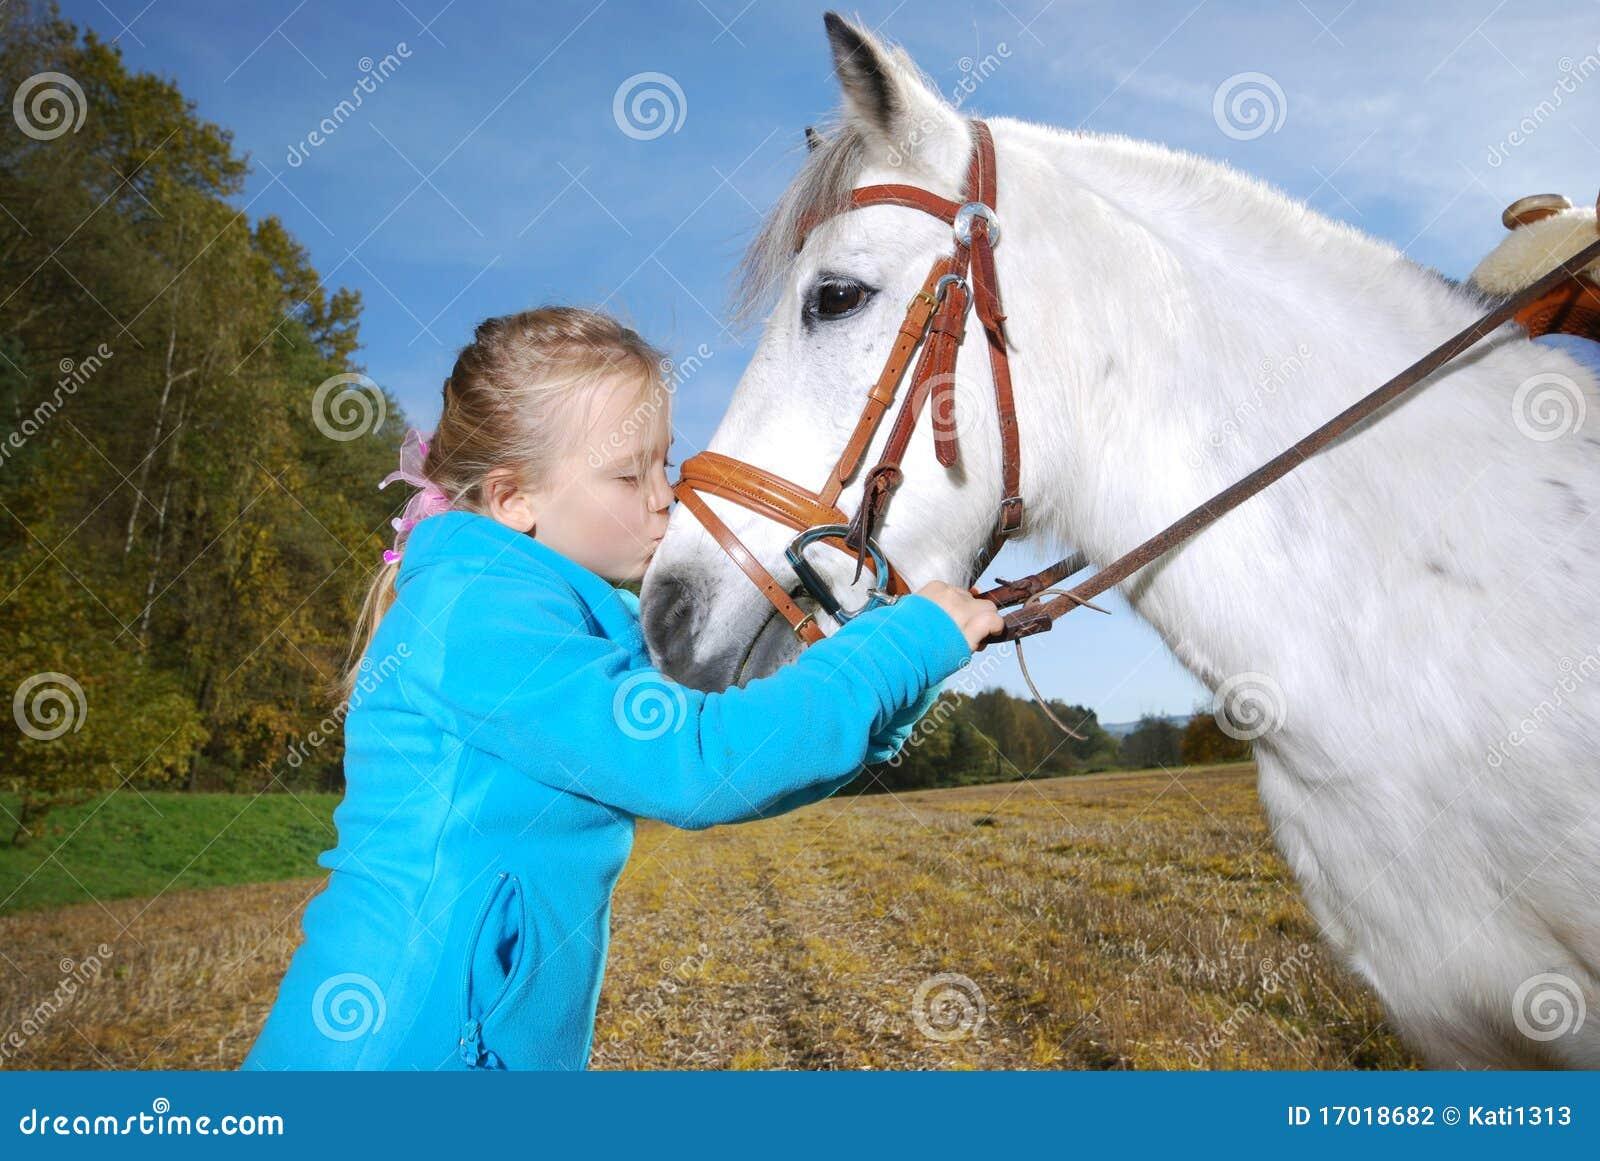 Kleines Mädchen mit Pony